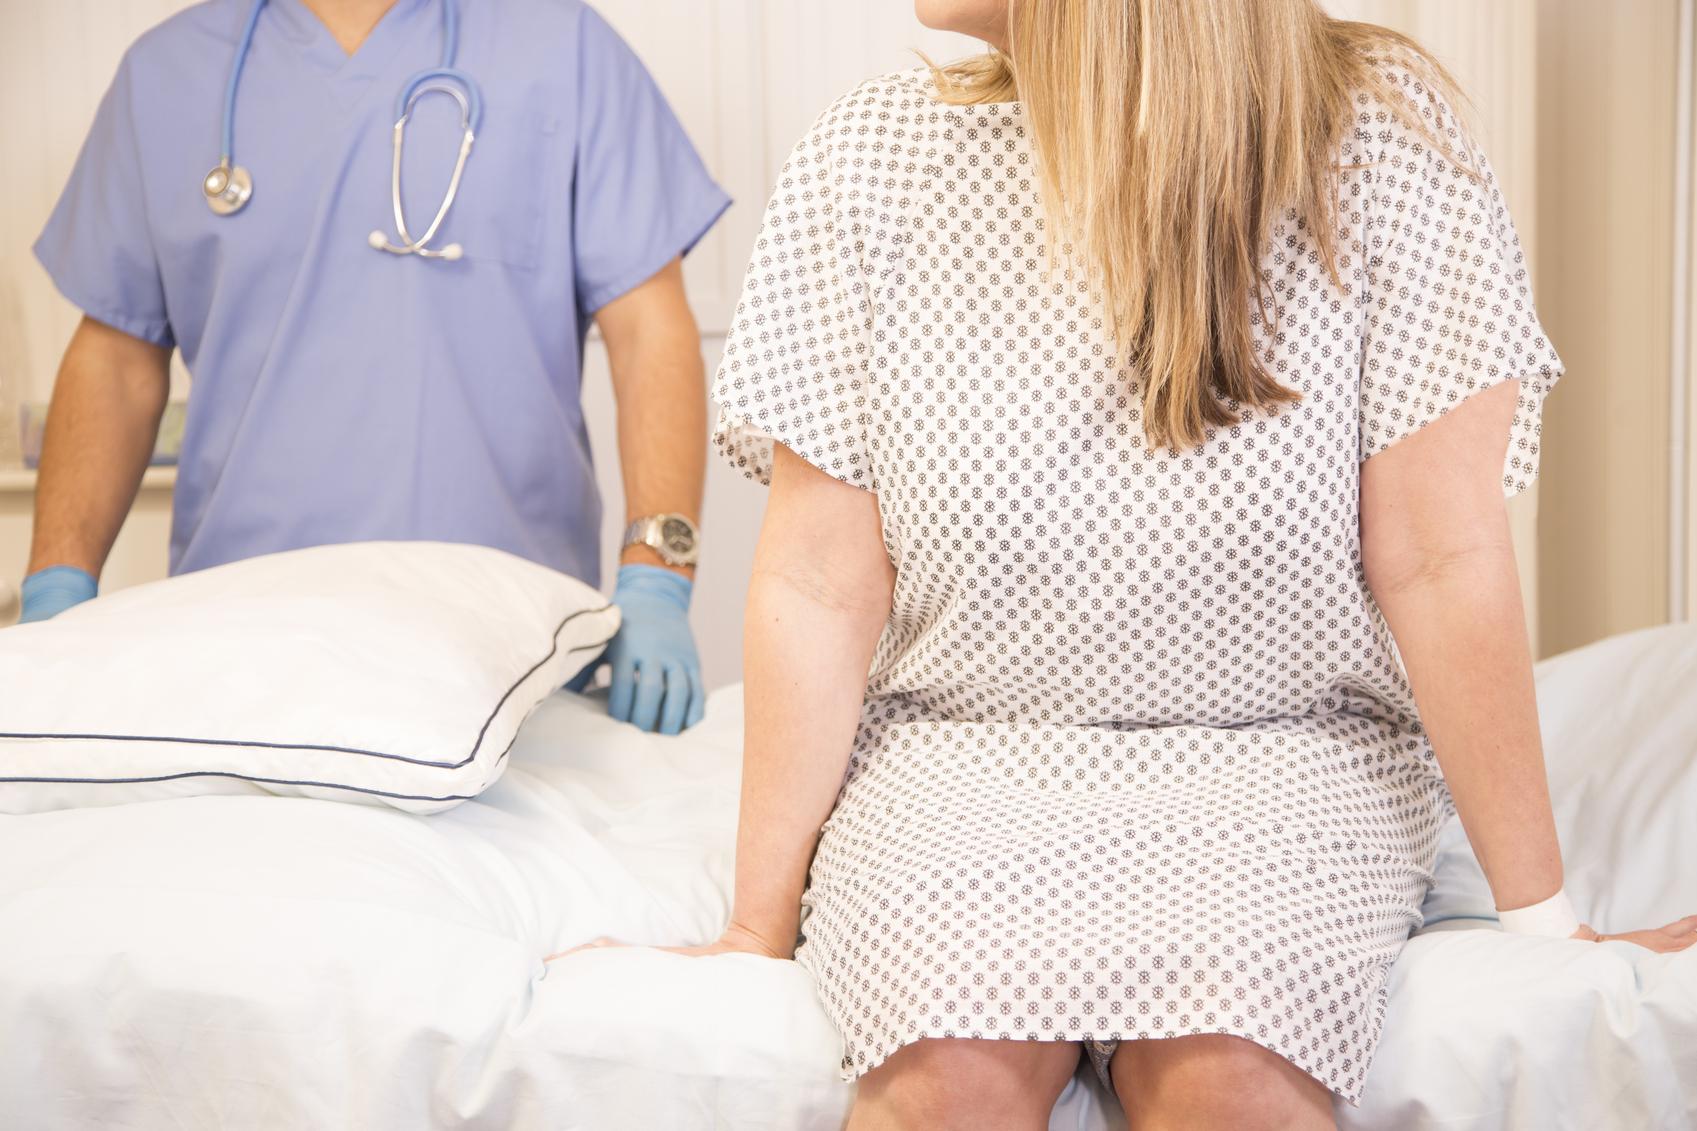 العلاج الوظيفي يساهم في تأهيل المرضى الذين يعانون من إعاقة